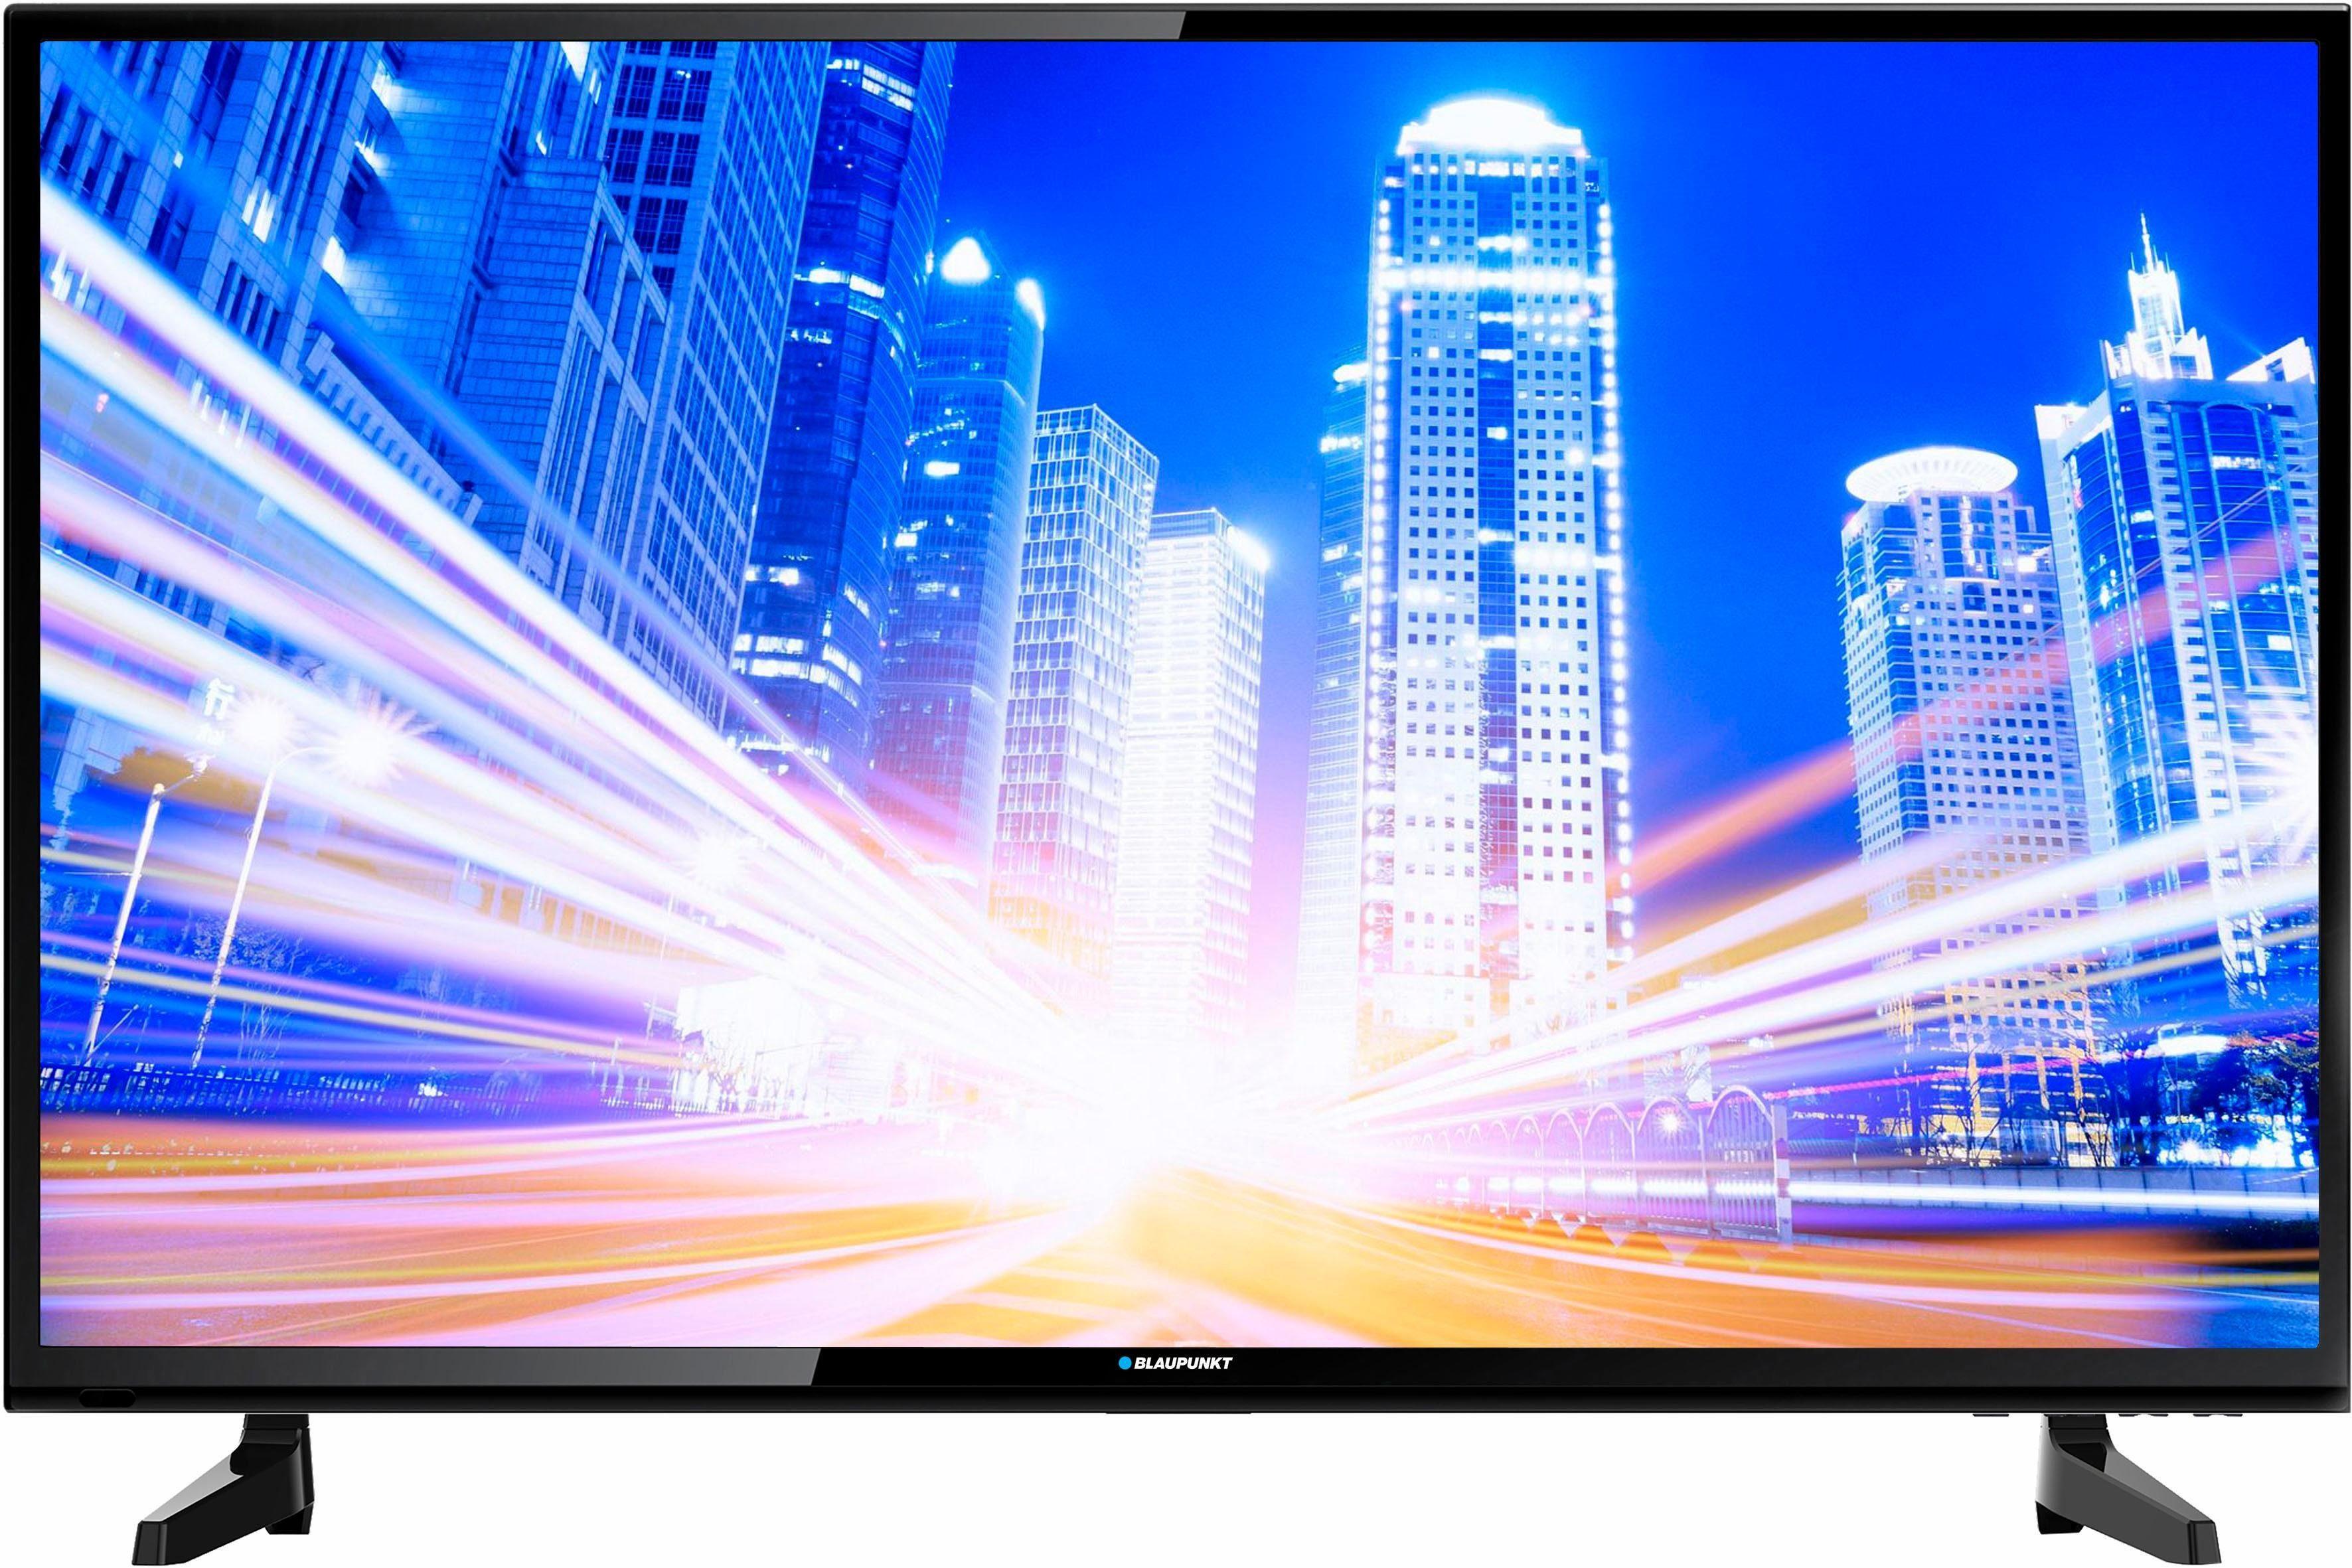 Blaupunkt B40J148T2CS LED-Fernseher (102 cm/40 Zoll, Full HD)